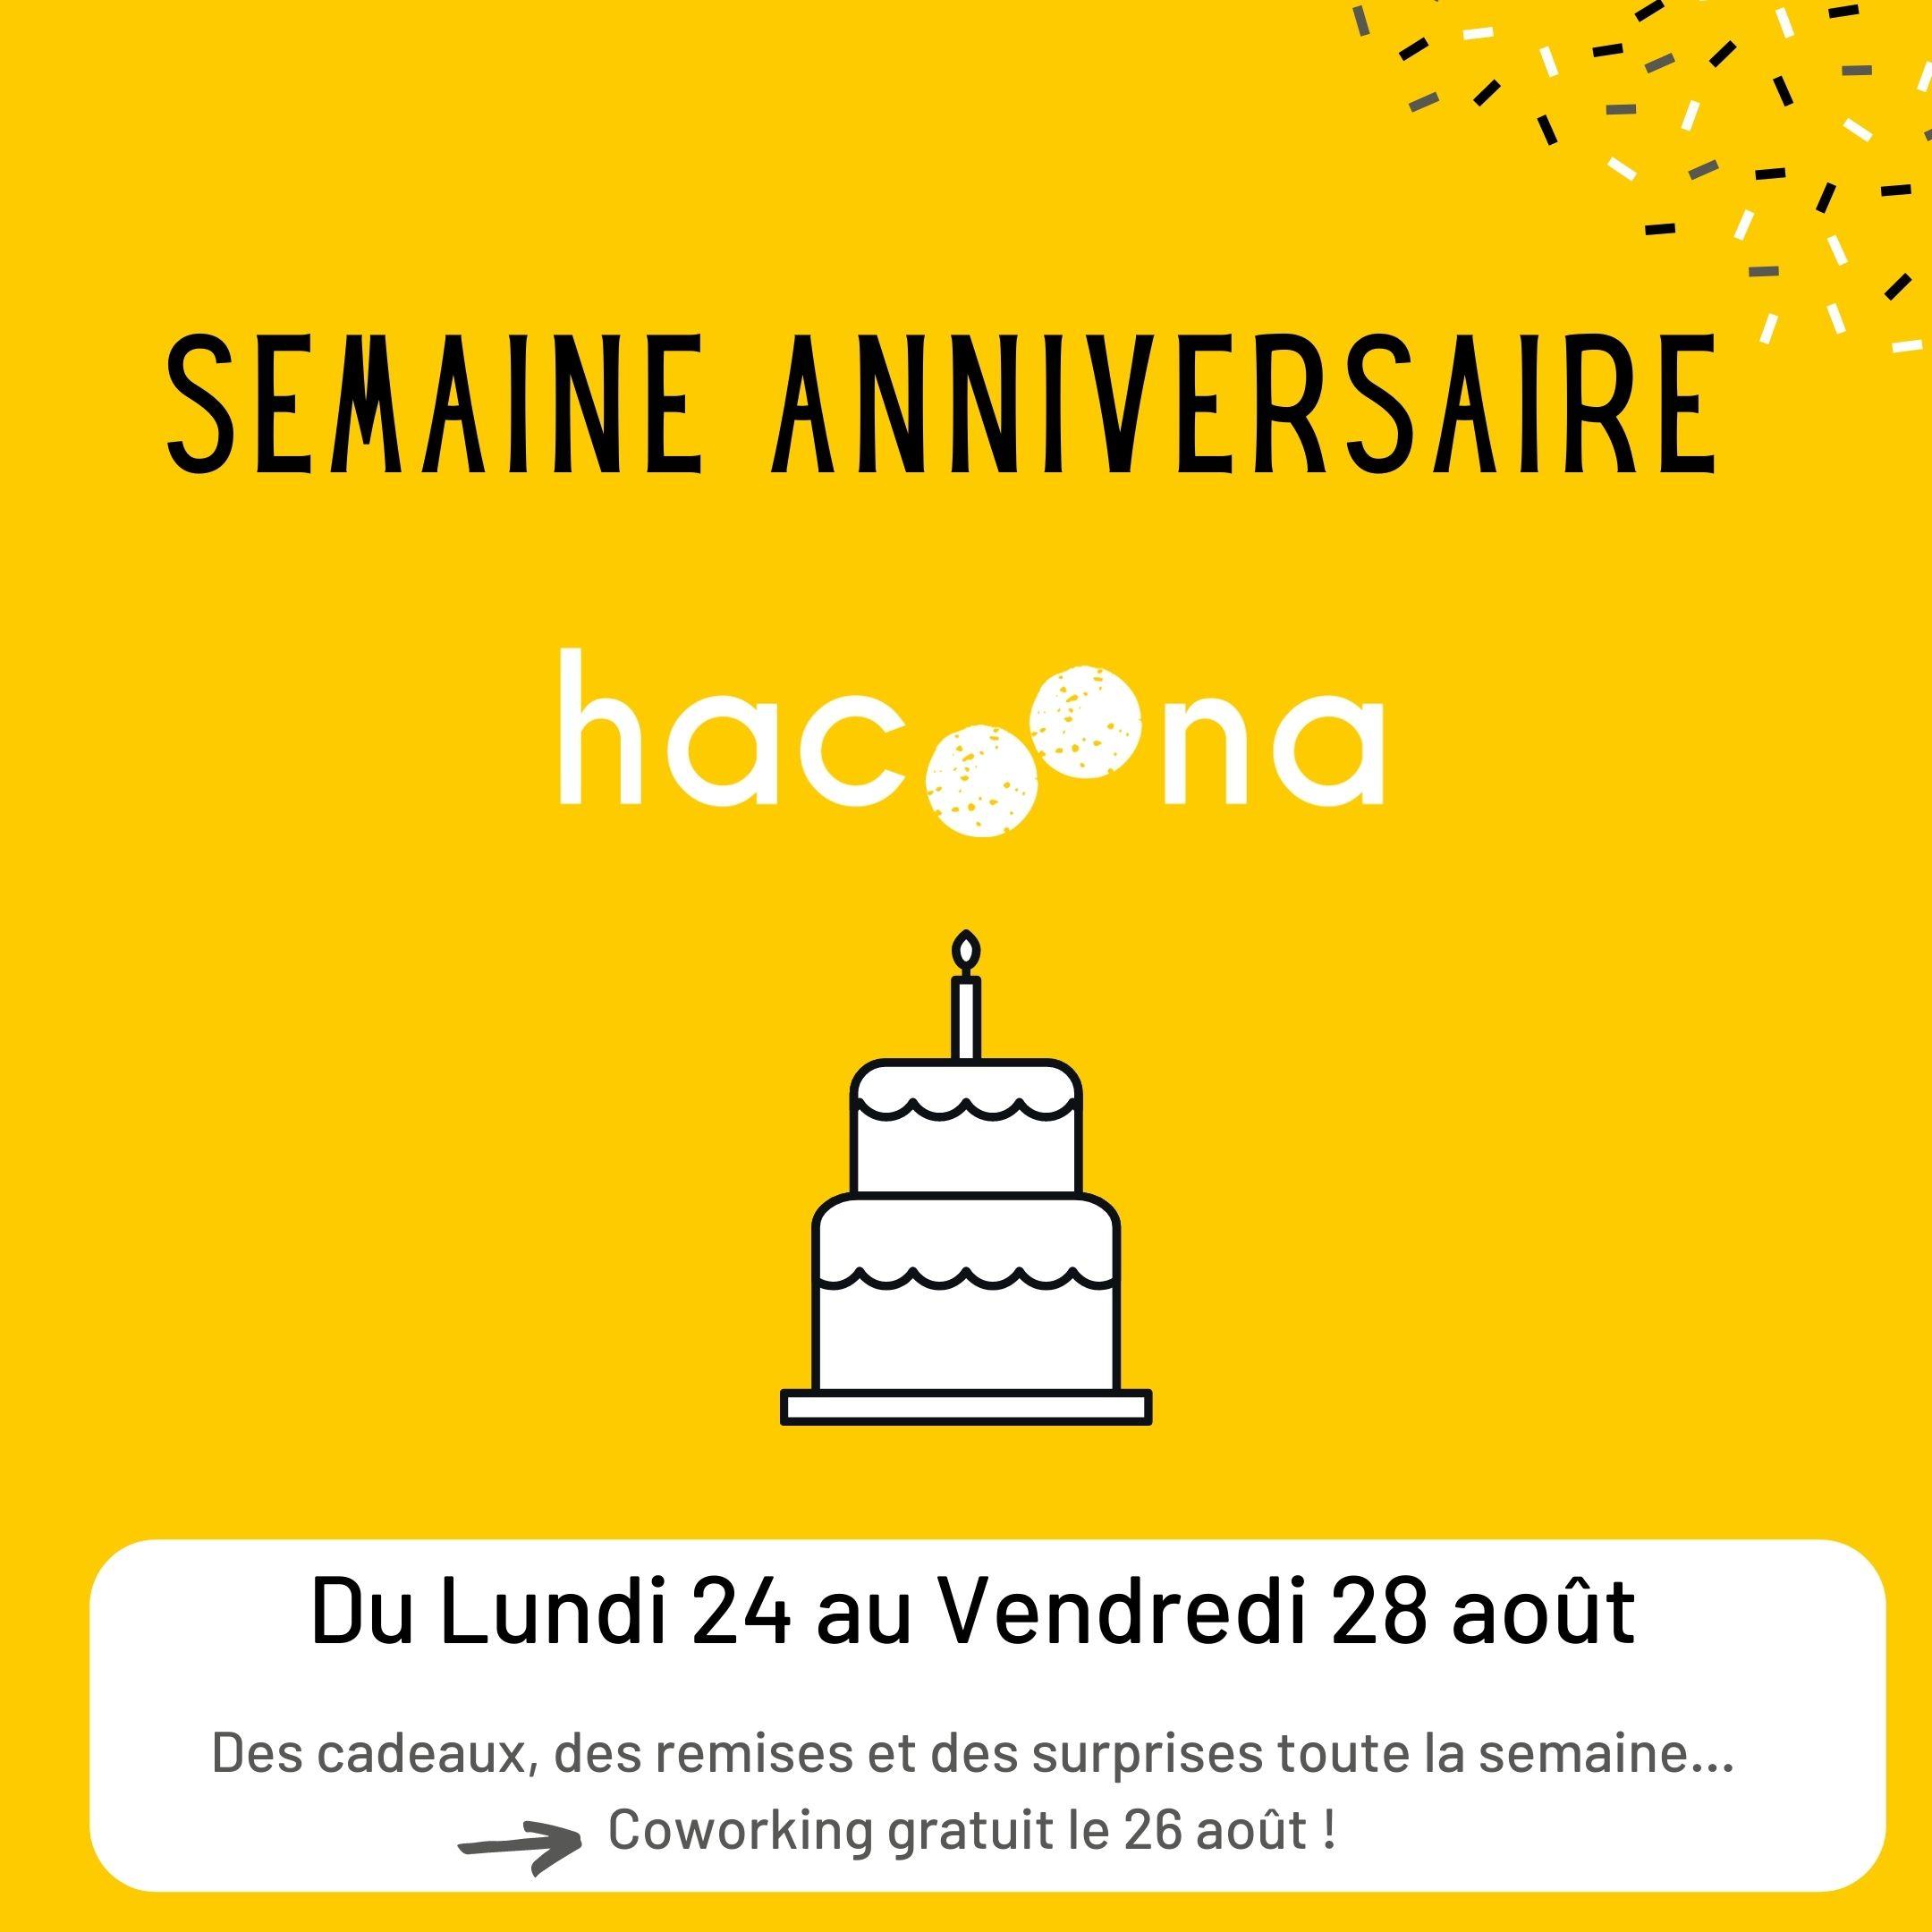 Hacoona fête son premier anniversaire ! Du 24 au 28 août